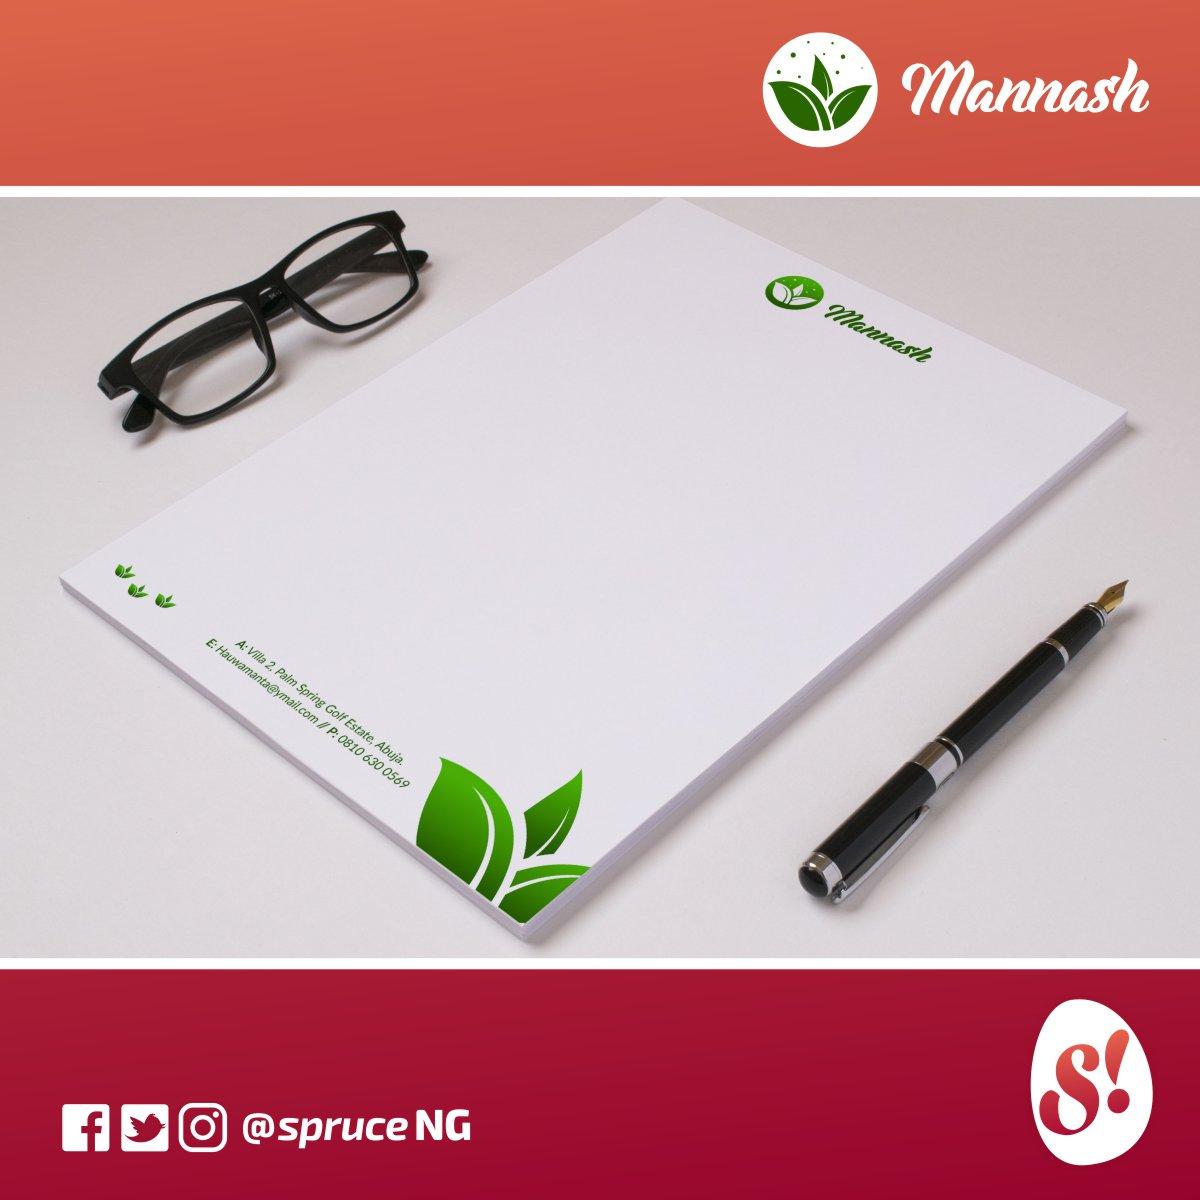 Mannash 3